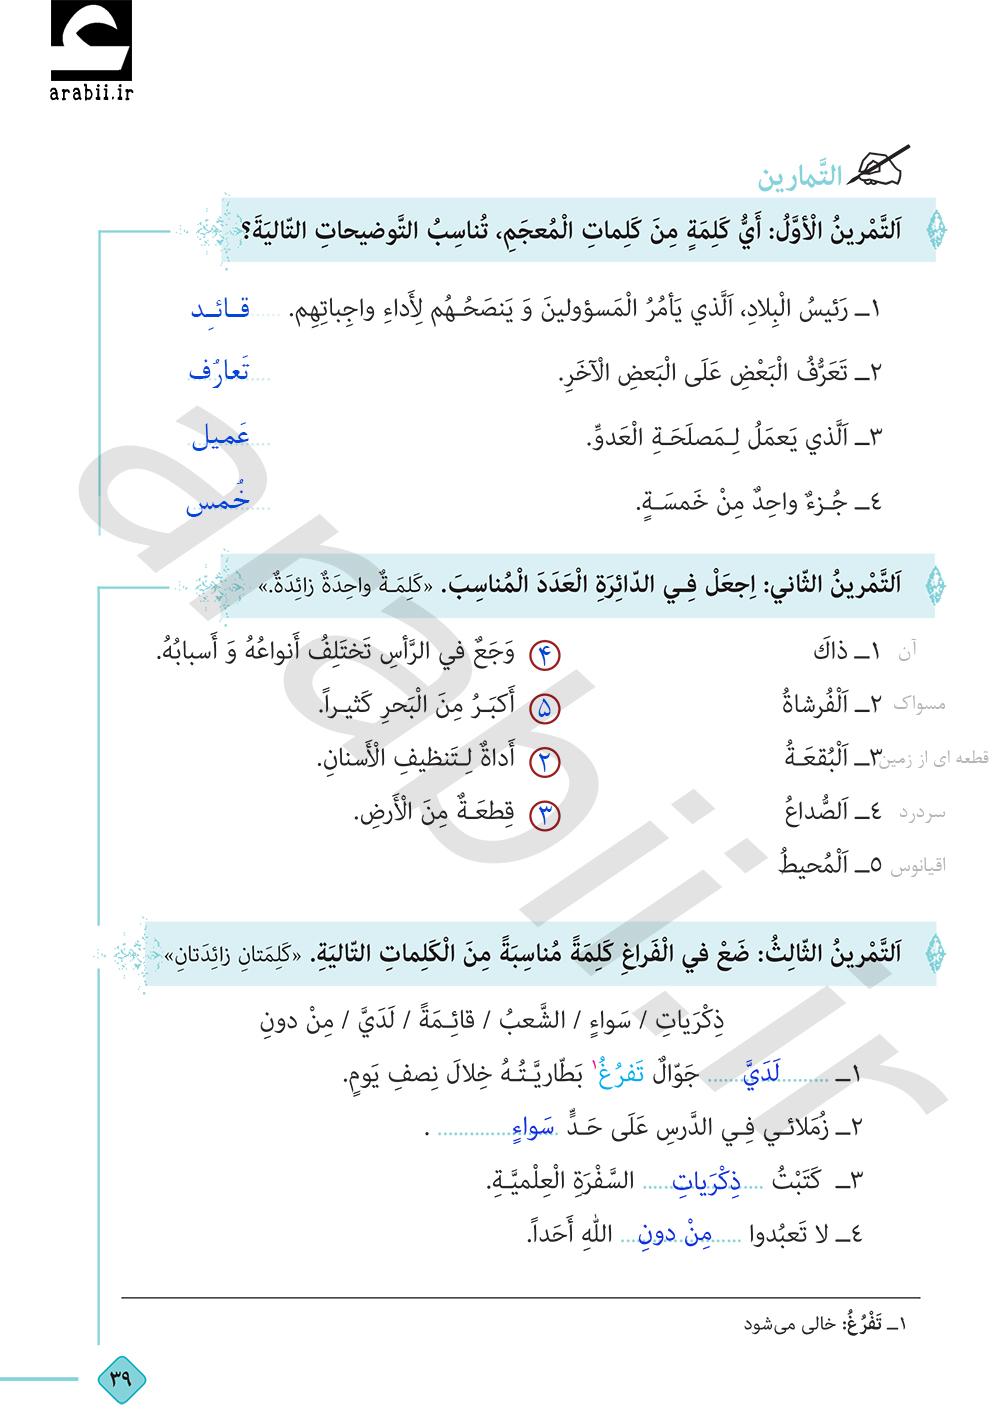 حل تمارین عربی دهم